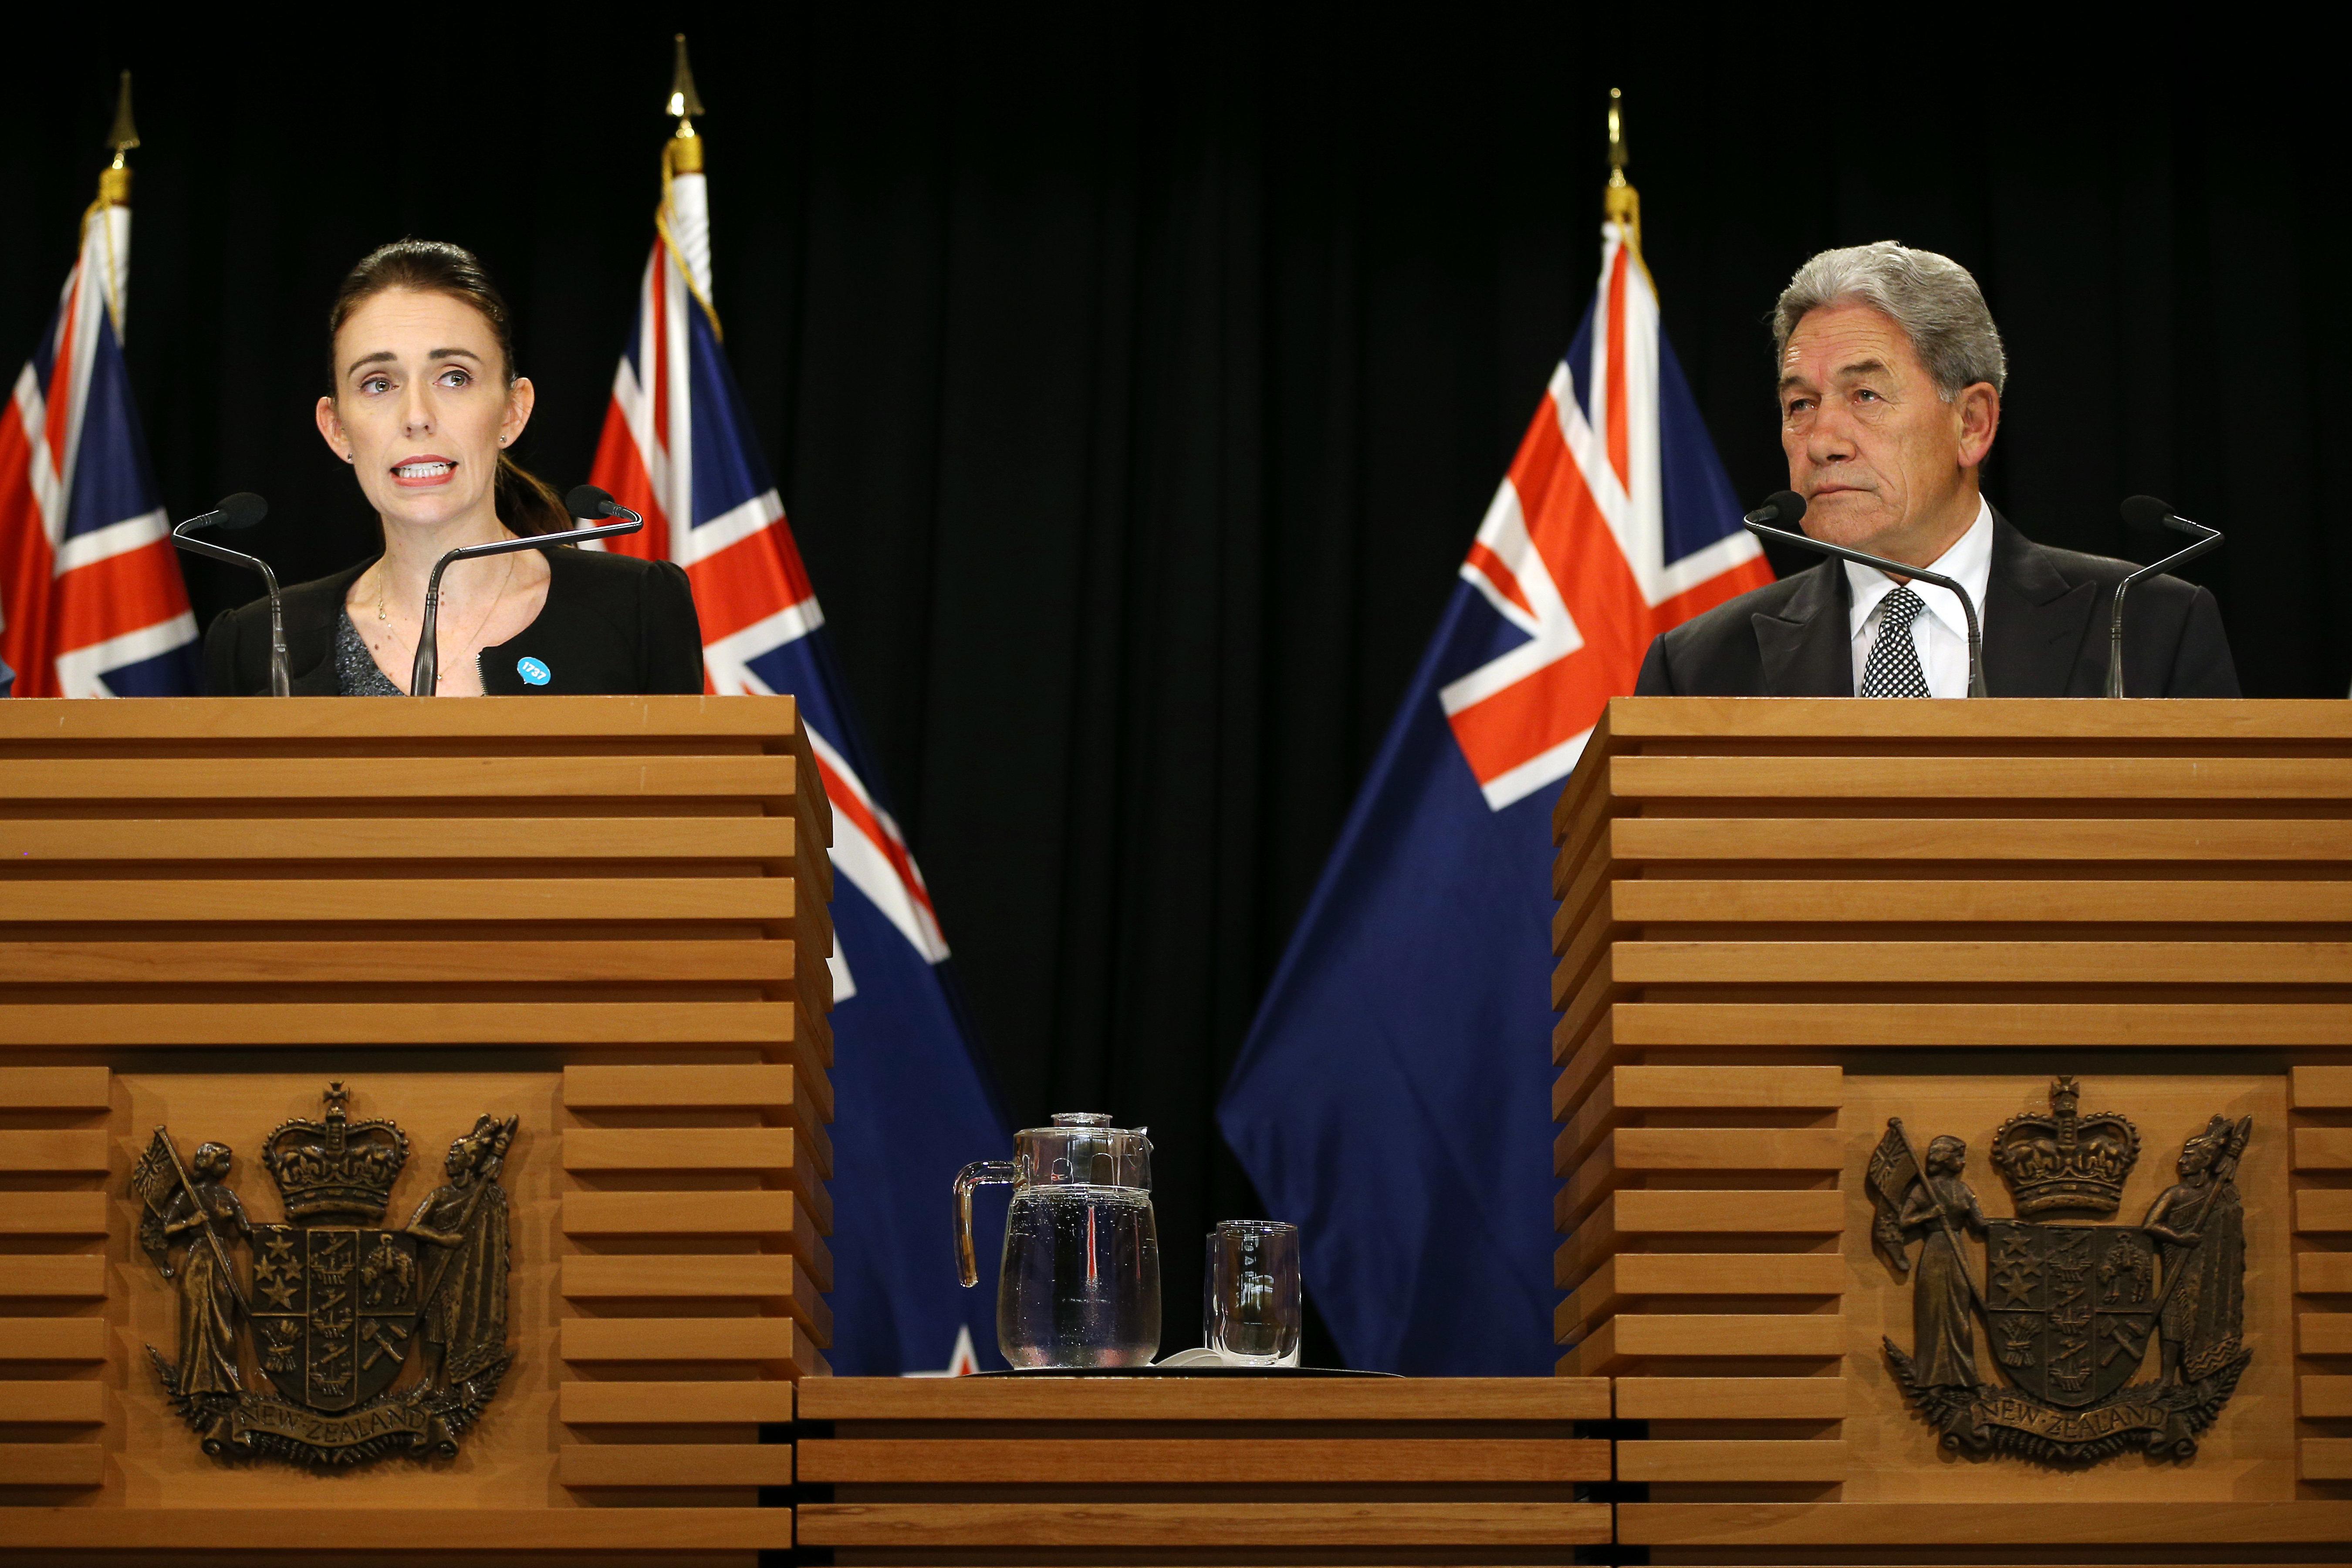 ニュージーランドが銃規制強化へ アーダーン首相「今回の恐ろしいテロから10日以内に、この国をより安全にする改革を発表します」